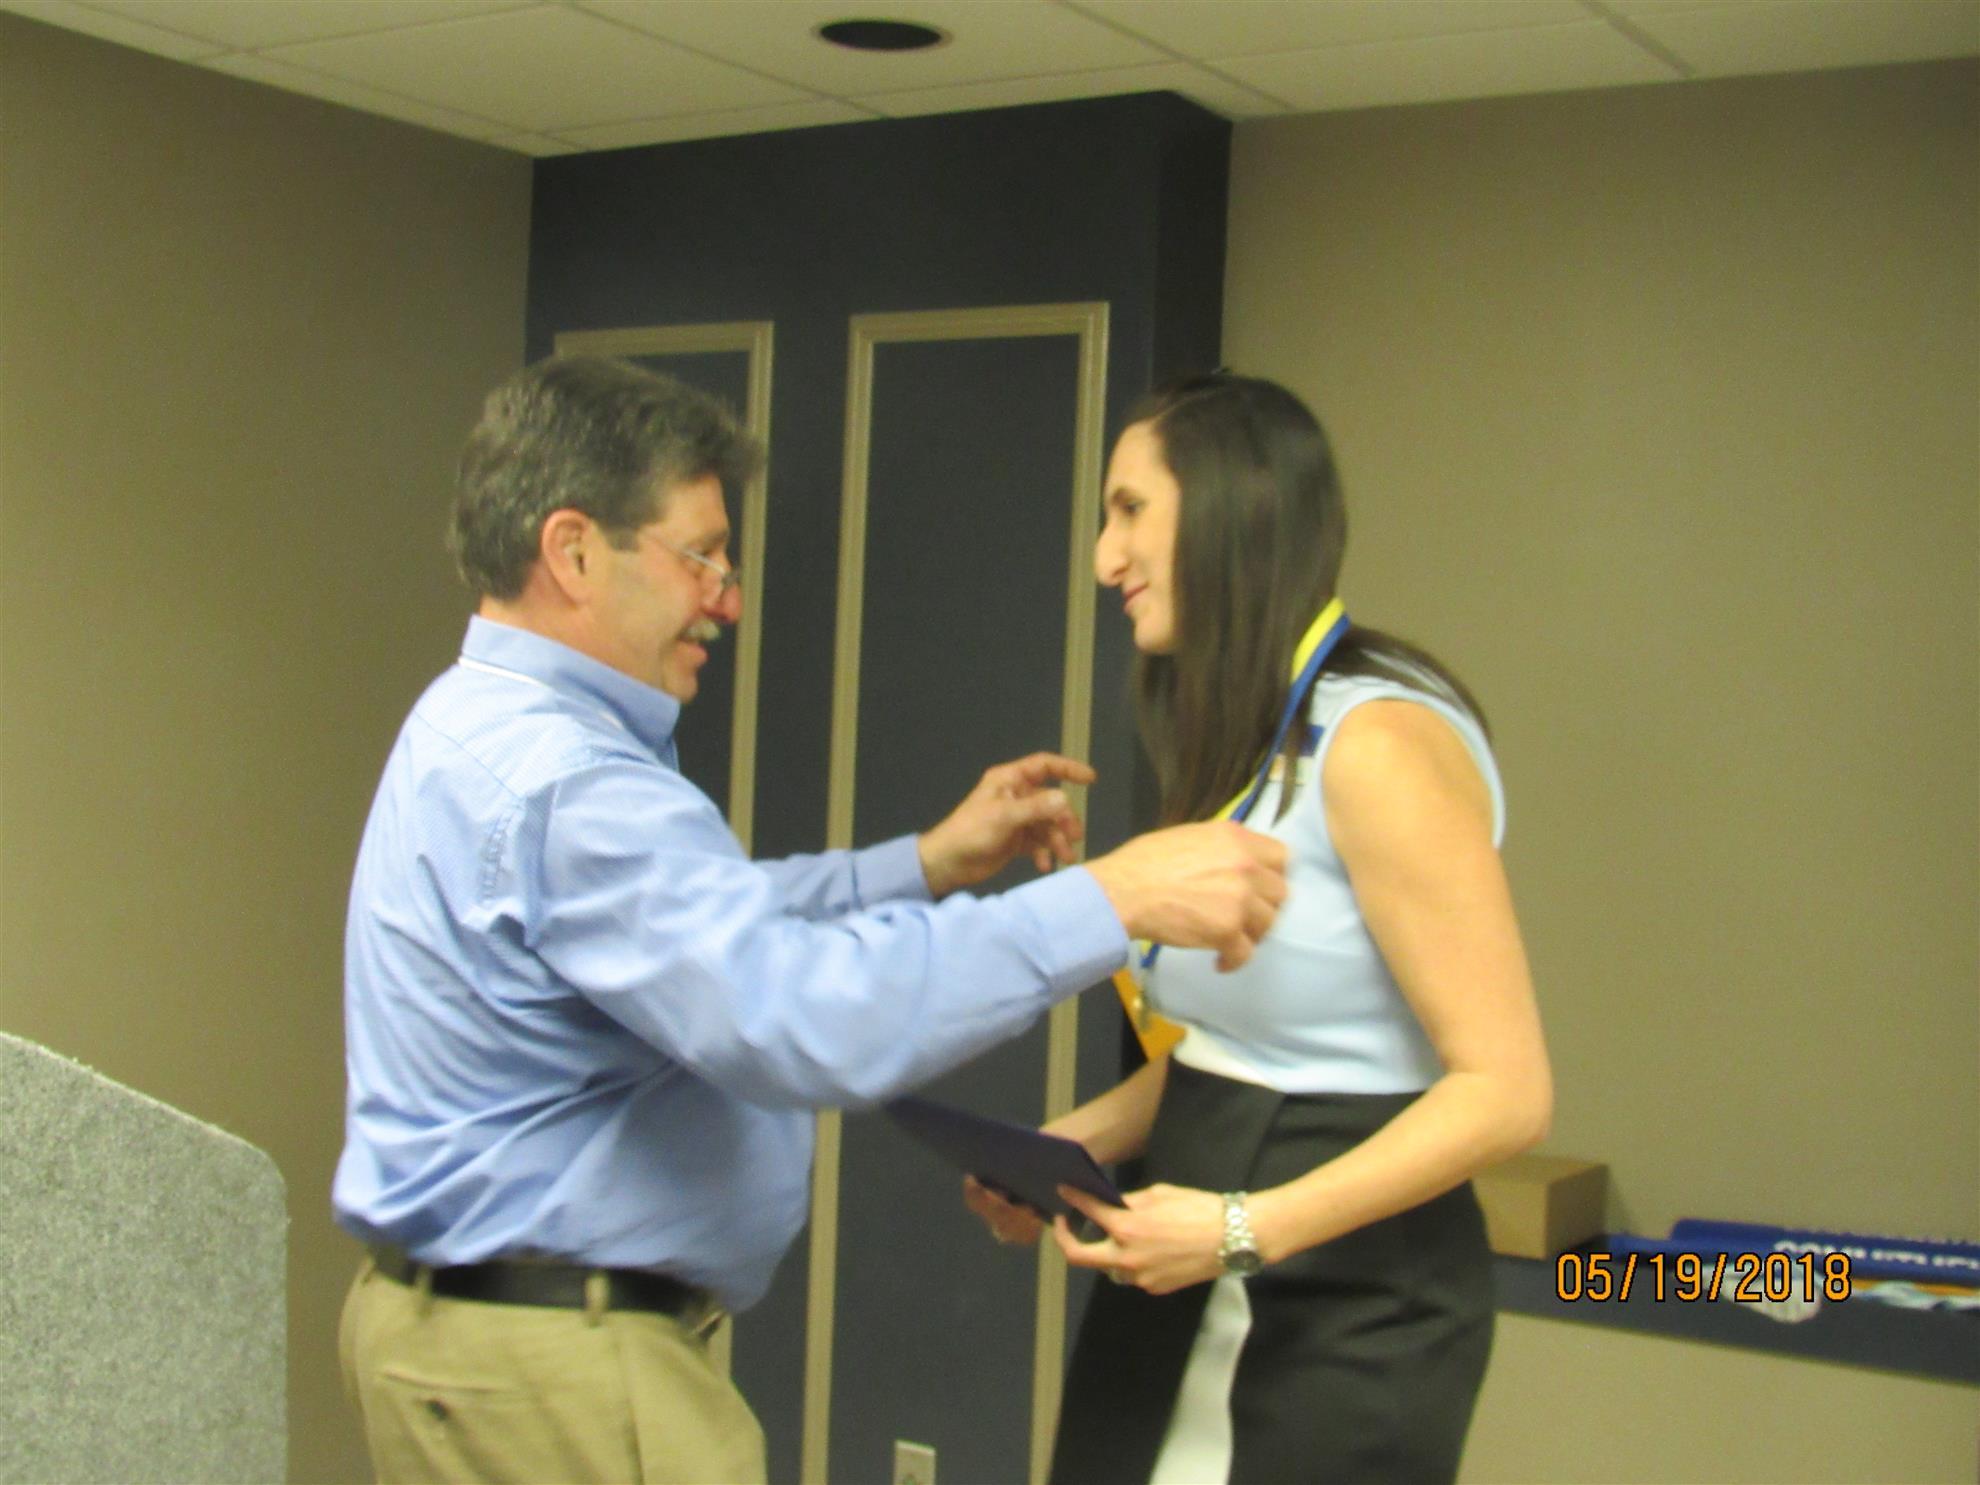 Tarah Warner - DG Steve shares his PH Medal